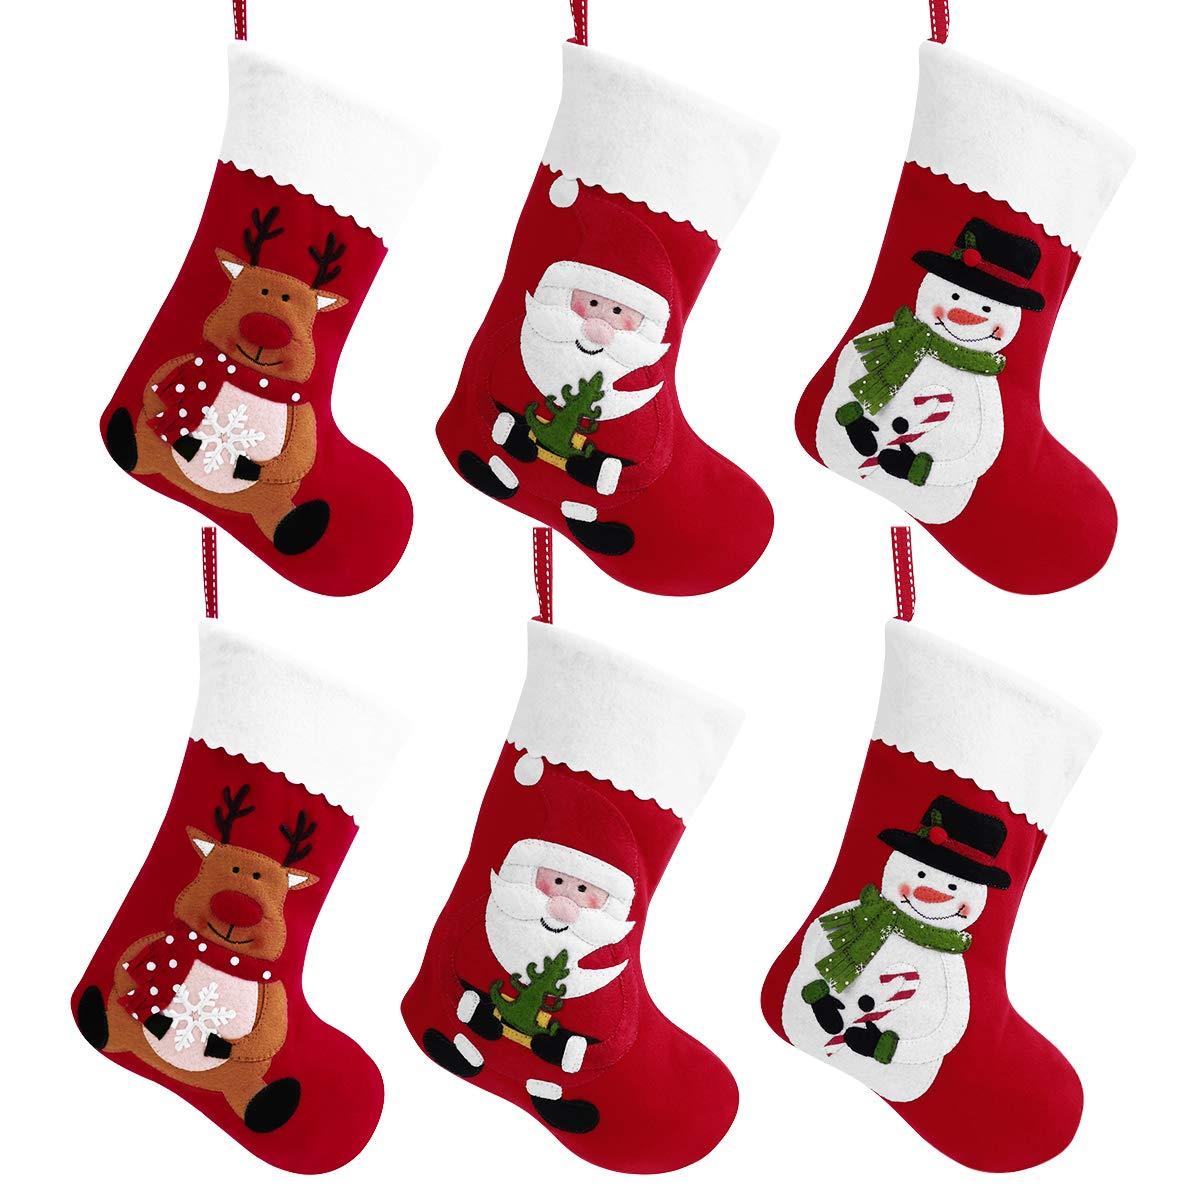 TOYVIAN 6 Stück Weihnachtsstrümpfe Weihnachtssocken Weihnachtsbaum ...